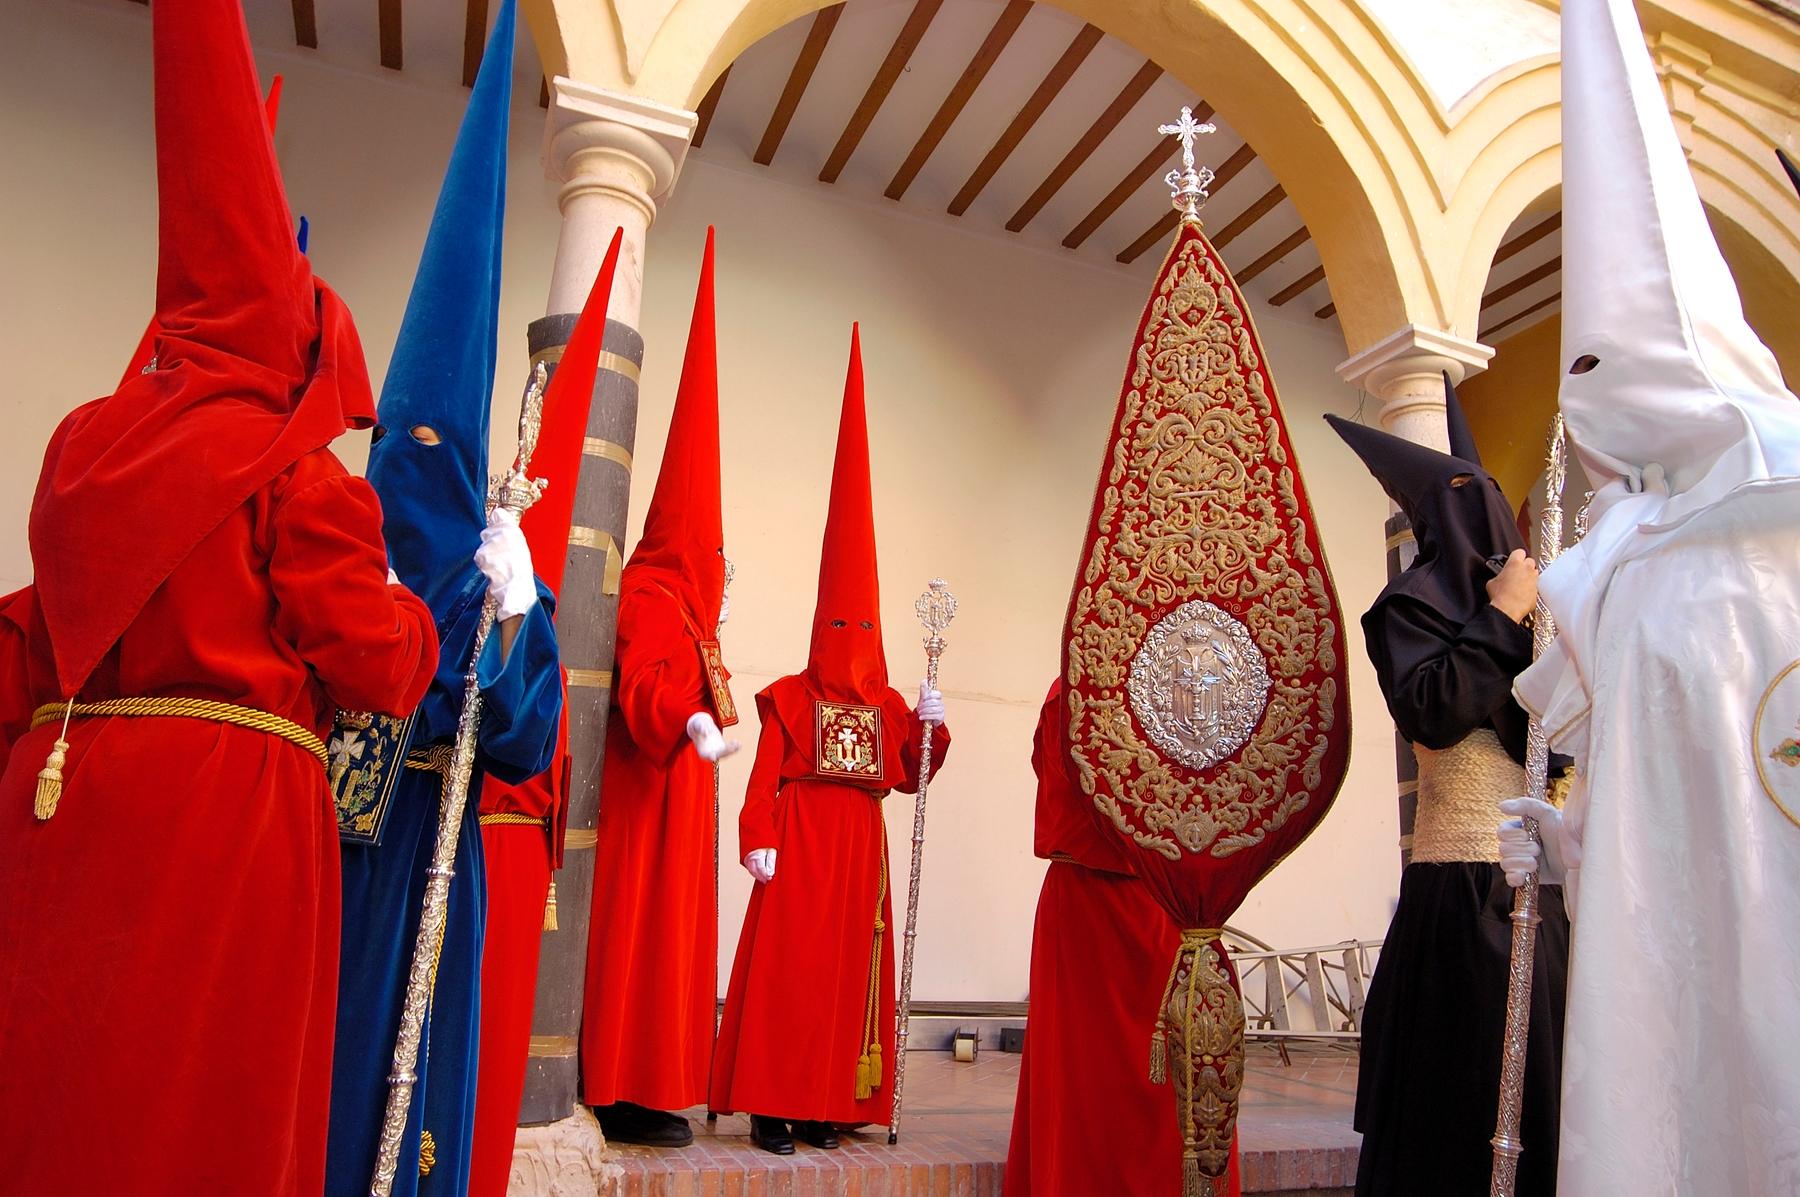 Семана Санта в Севилье